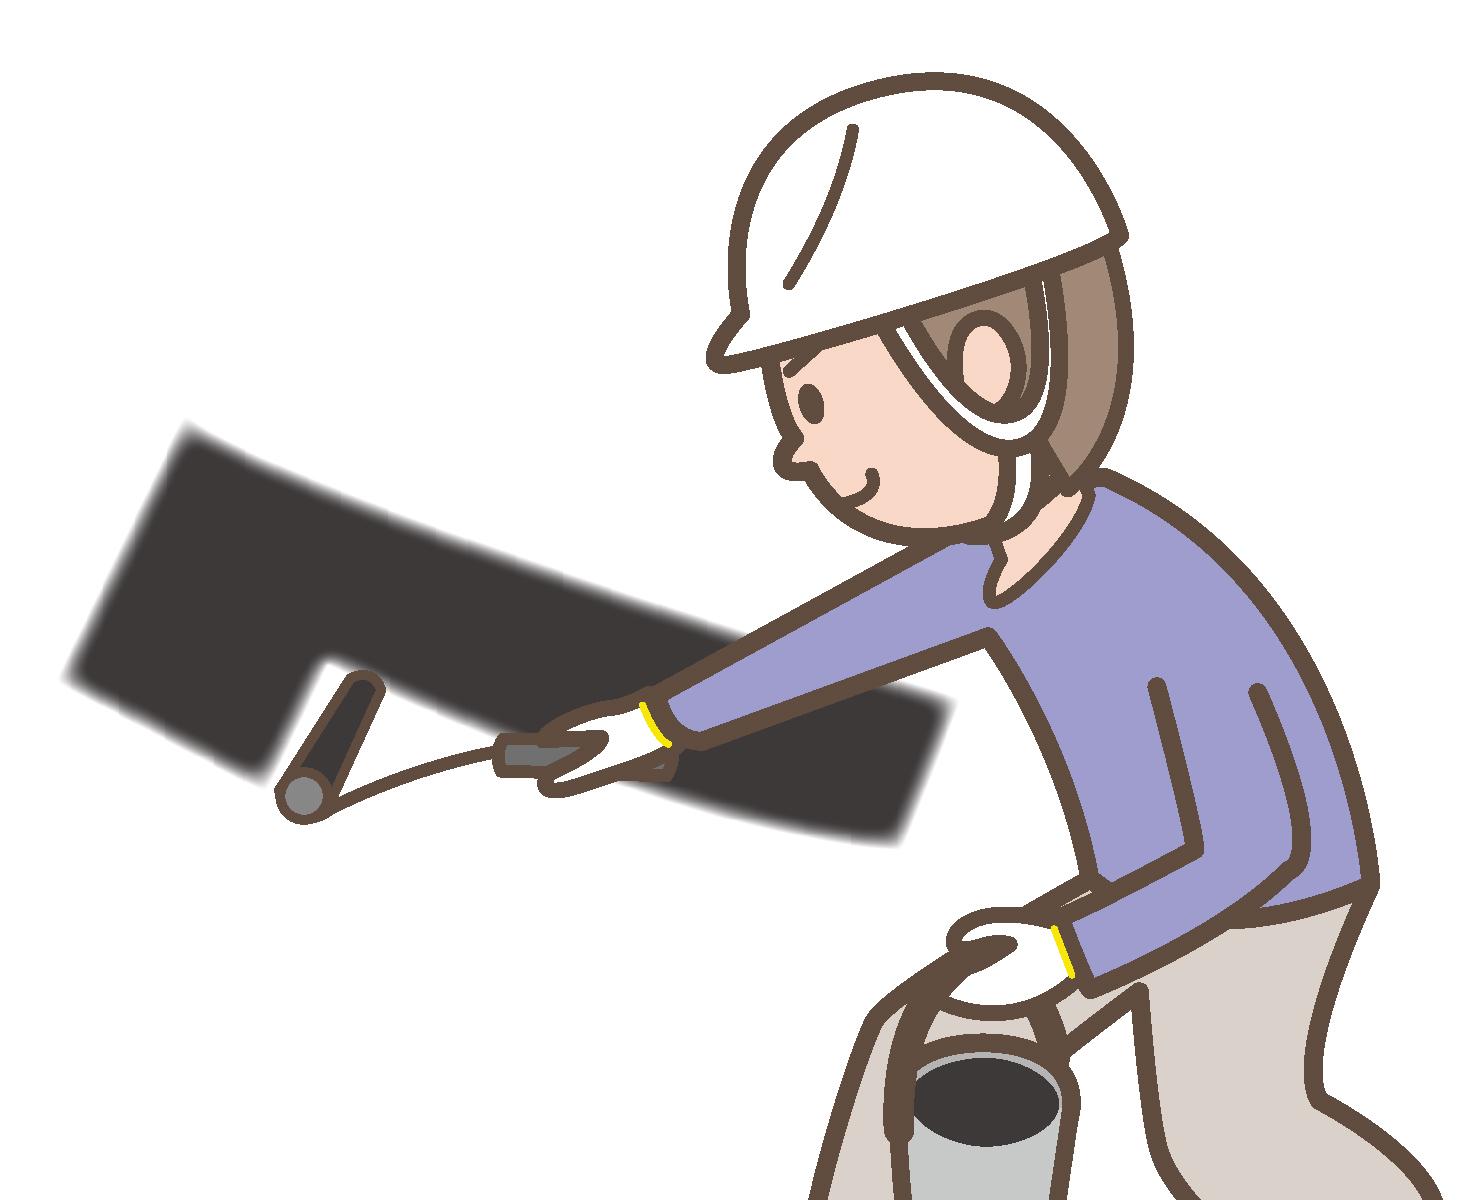 建設業者の社会保険加入が、建設業許可の条件化するかもしれません。